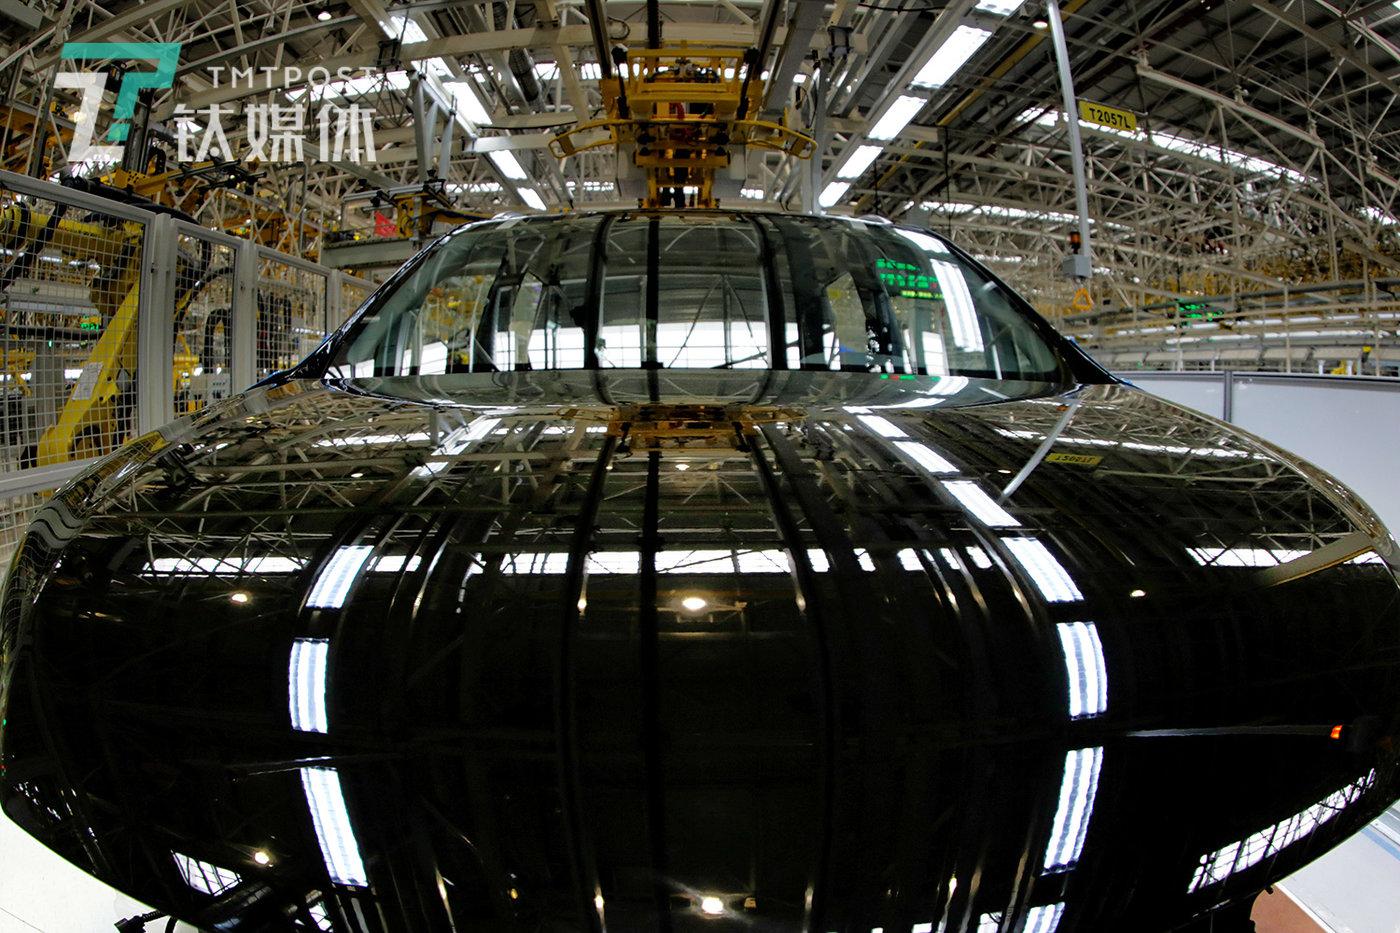 1月3日,南京,某智能化汽车工厂,一辆待组装的汽车。